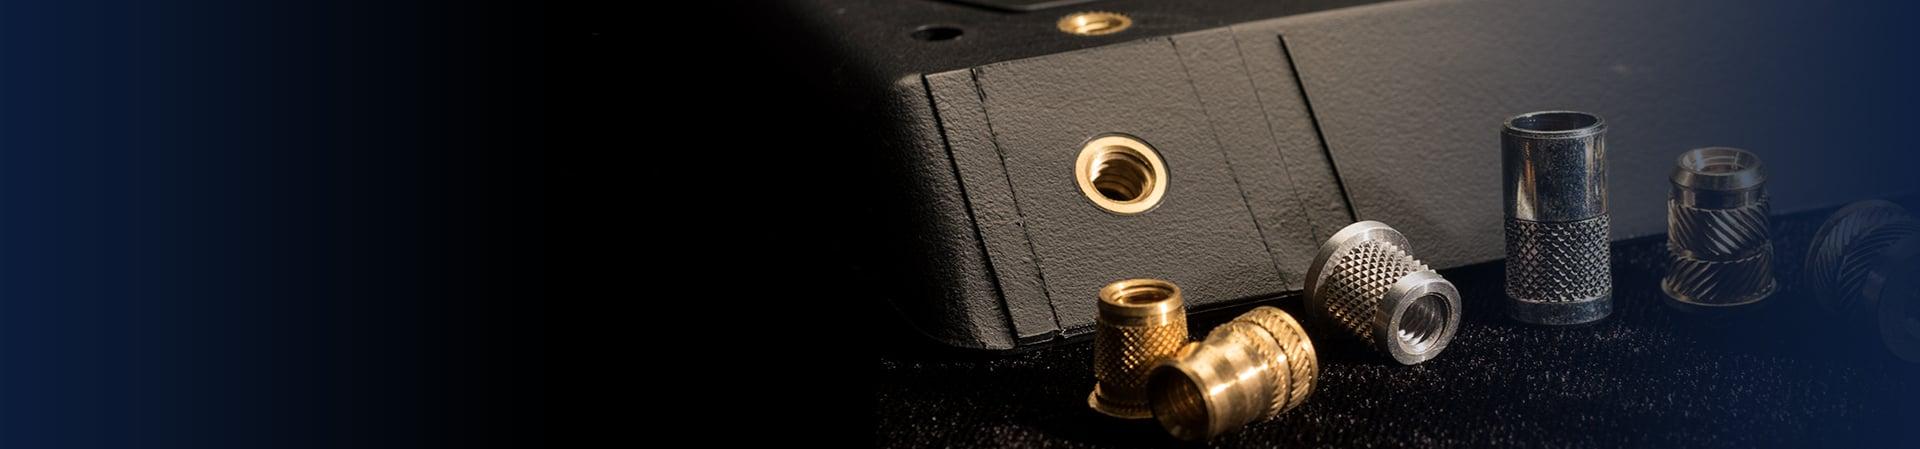 Induktives Verkleben von Metall mit Kunststoff